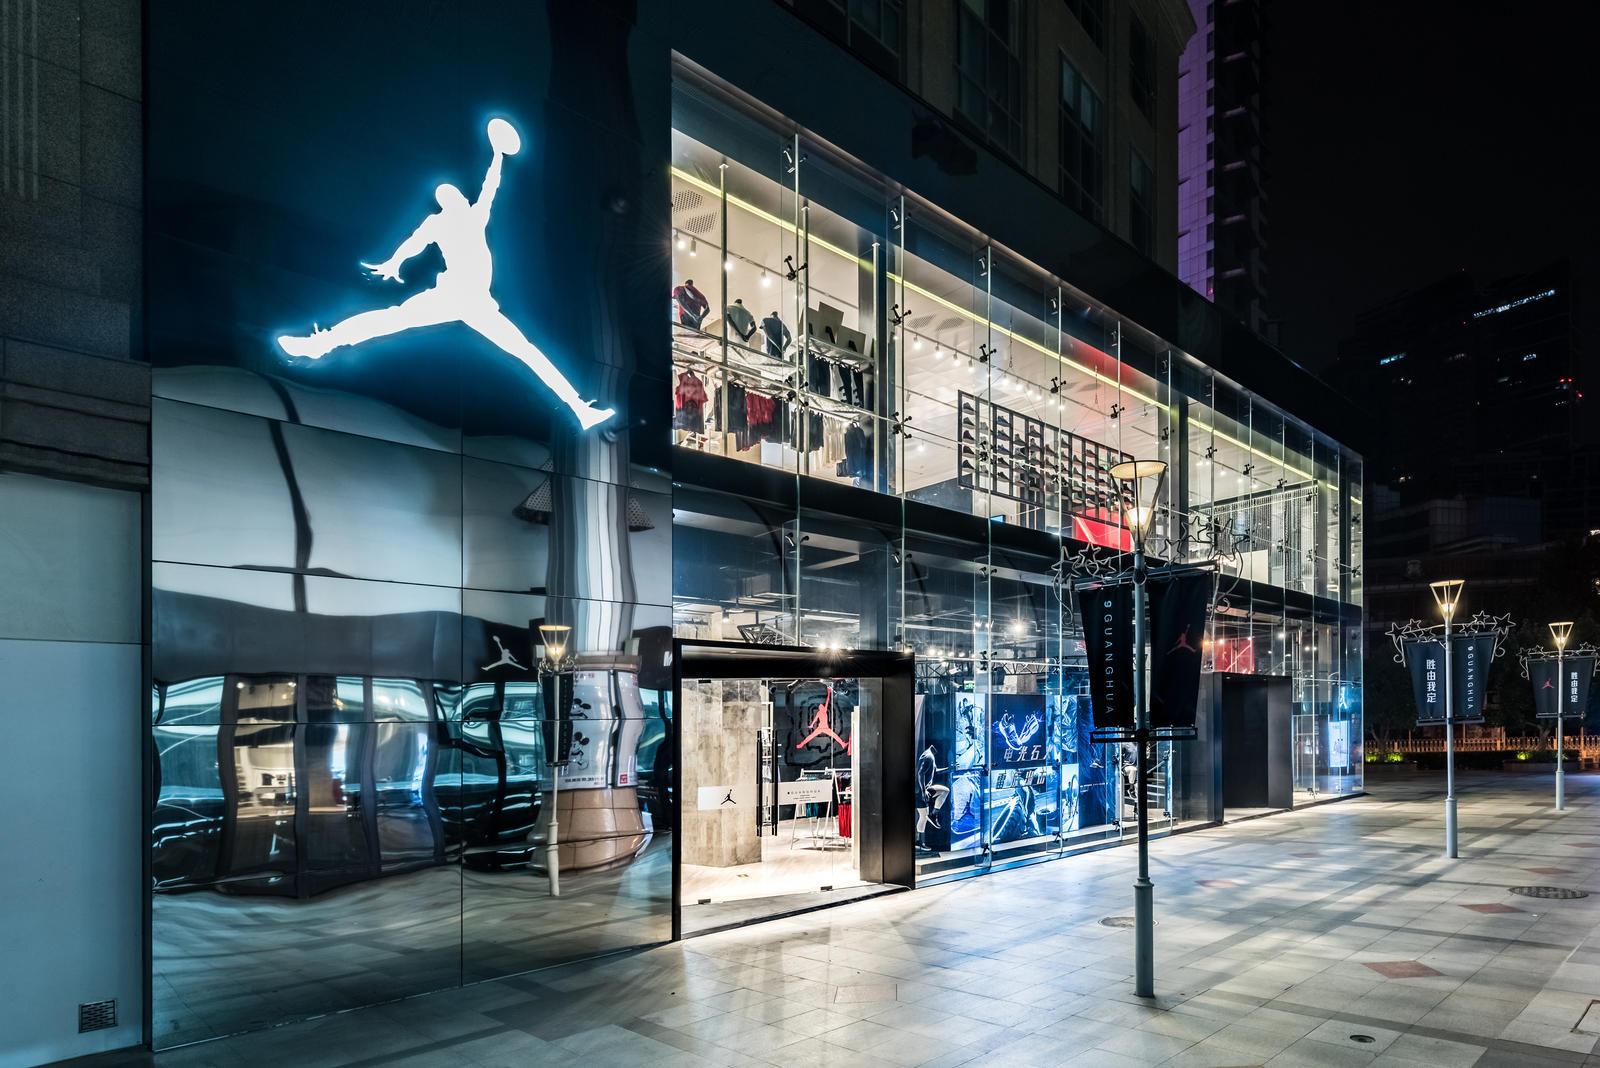 The new Jordan store in Beijing